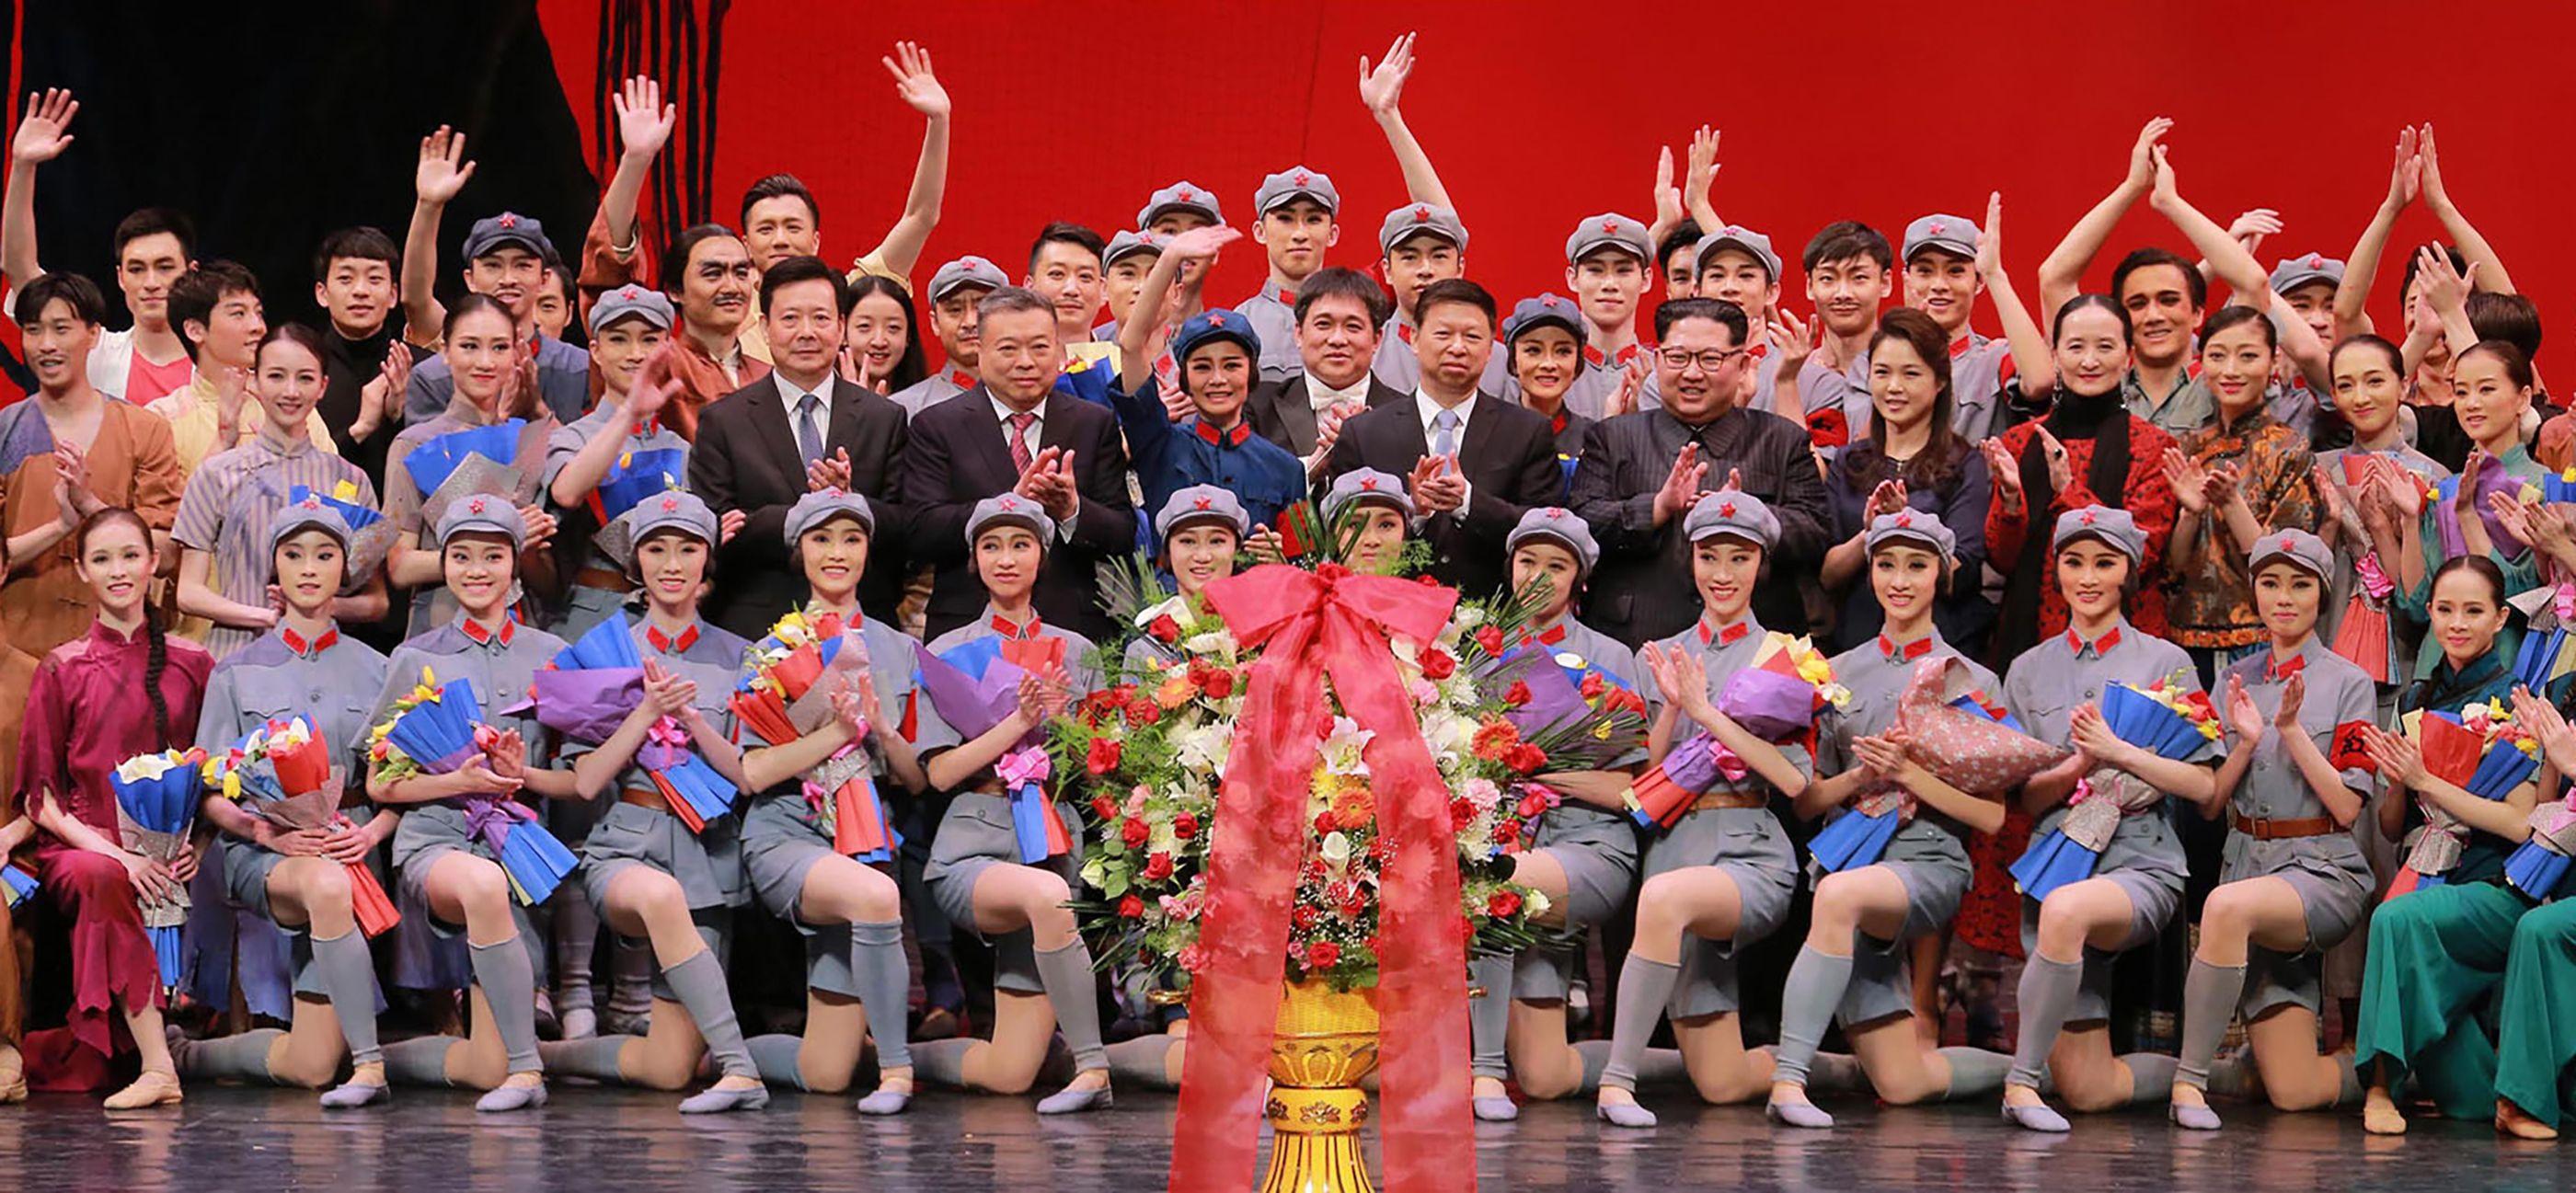 زعيم كوريا الشمالية وزوجته يحضران حفلا استعراضيا لفرقة صينية